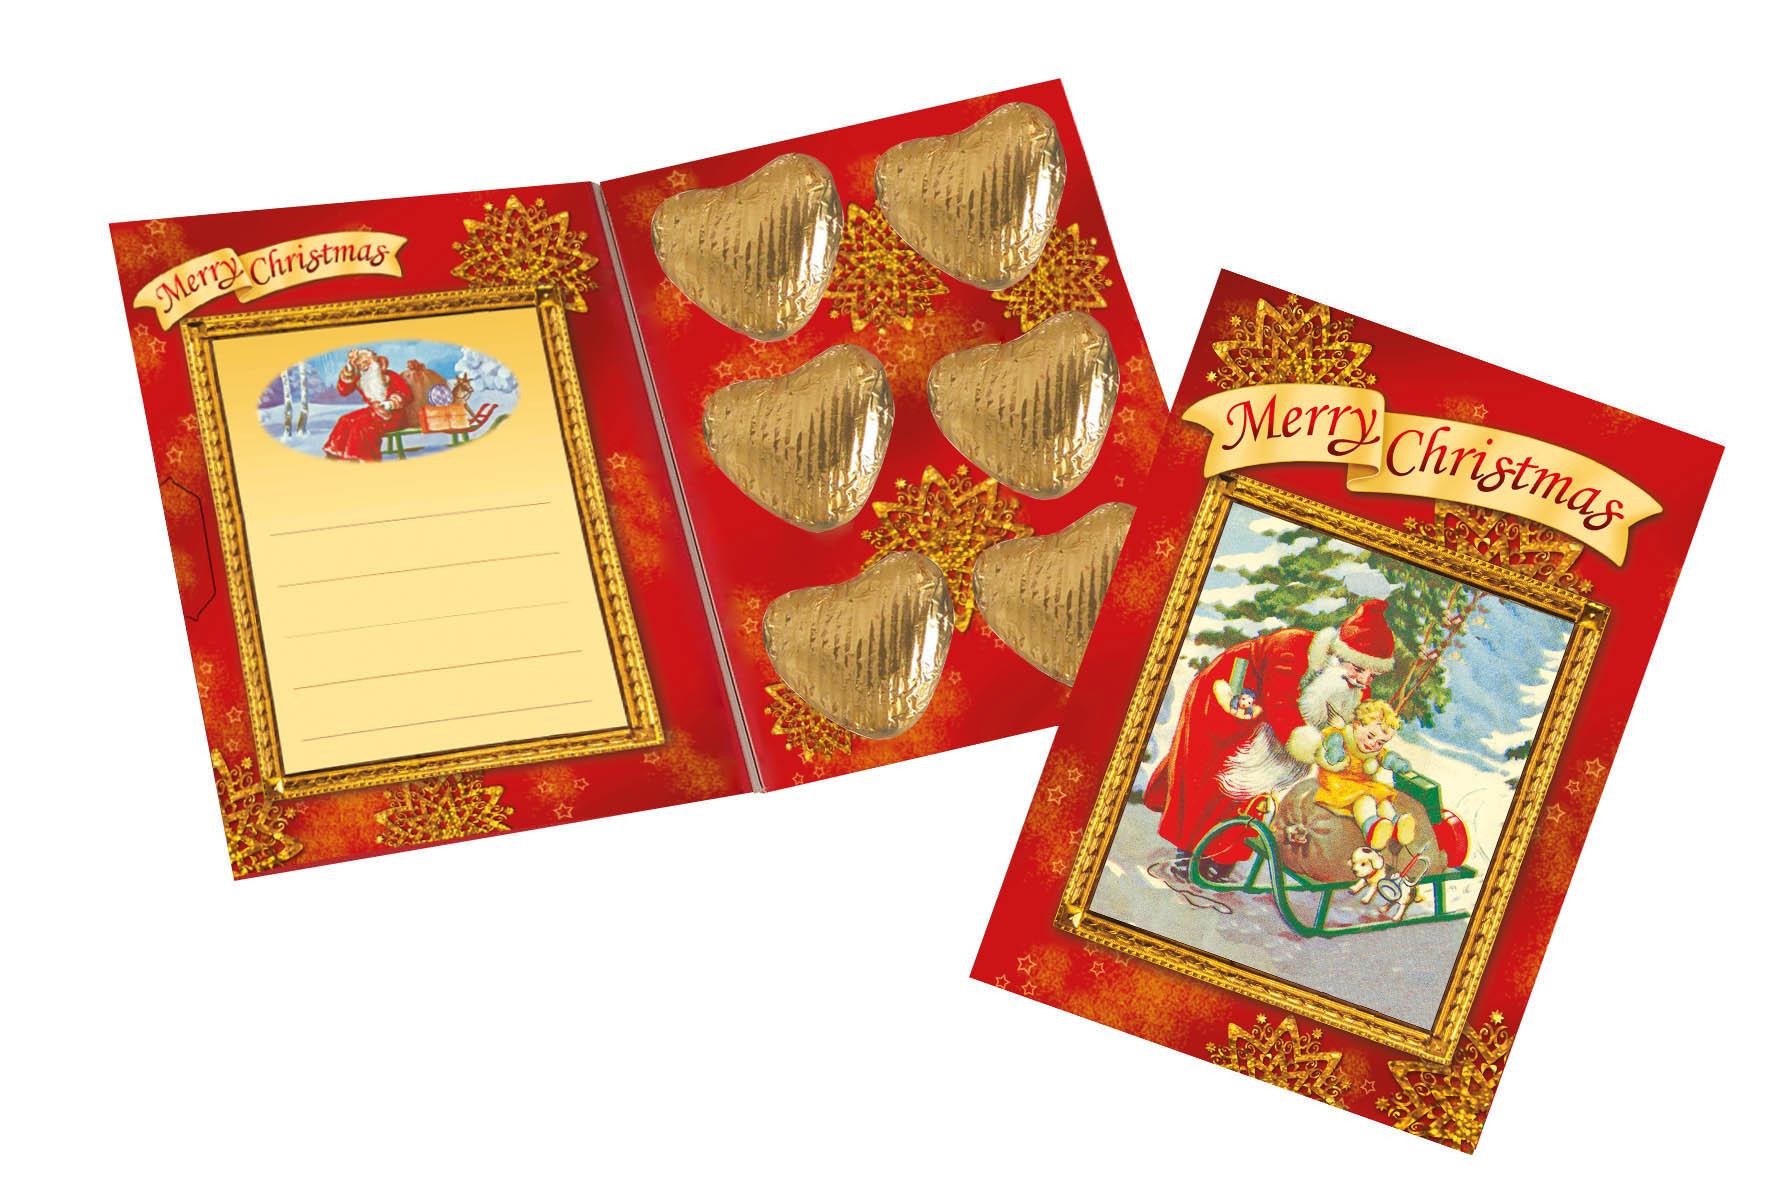 Grußkarte Weihnachten Nostalgie | SICCA-NAHRUNGSMITTEL